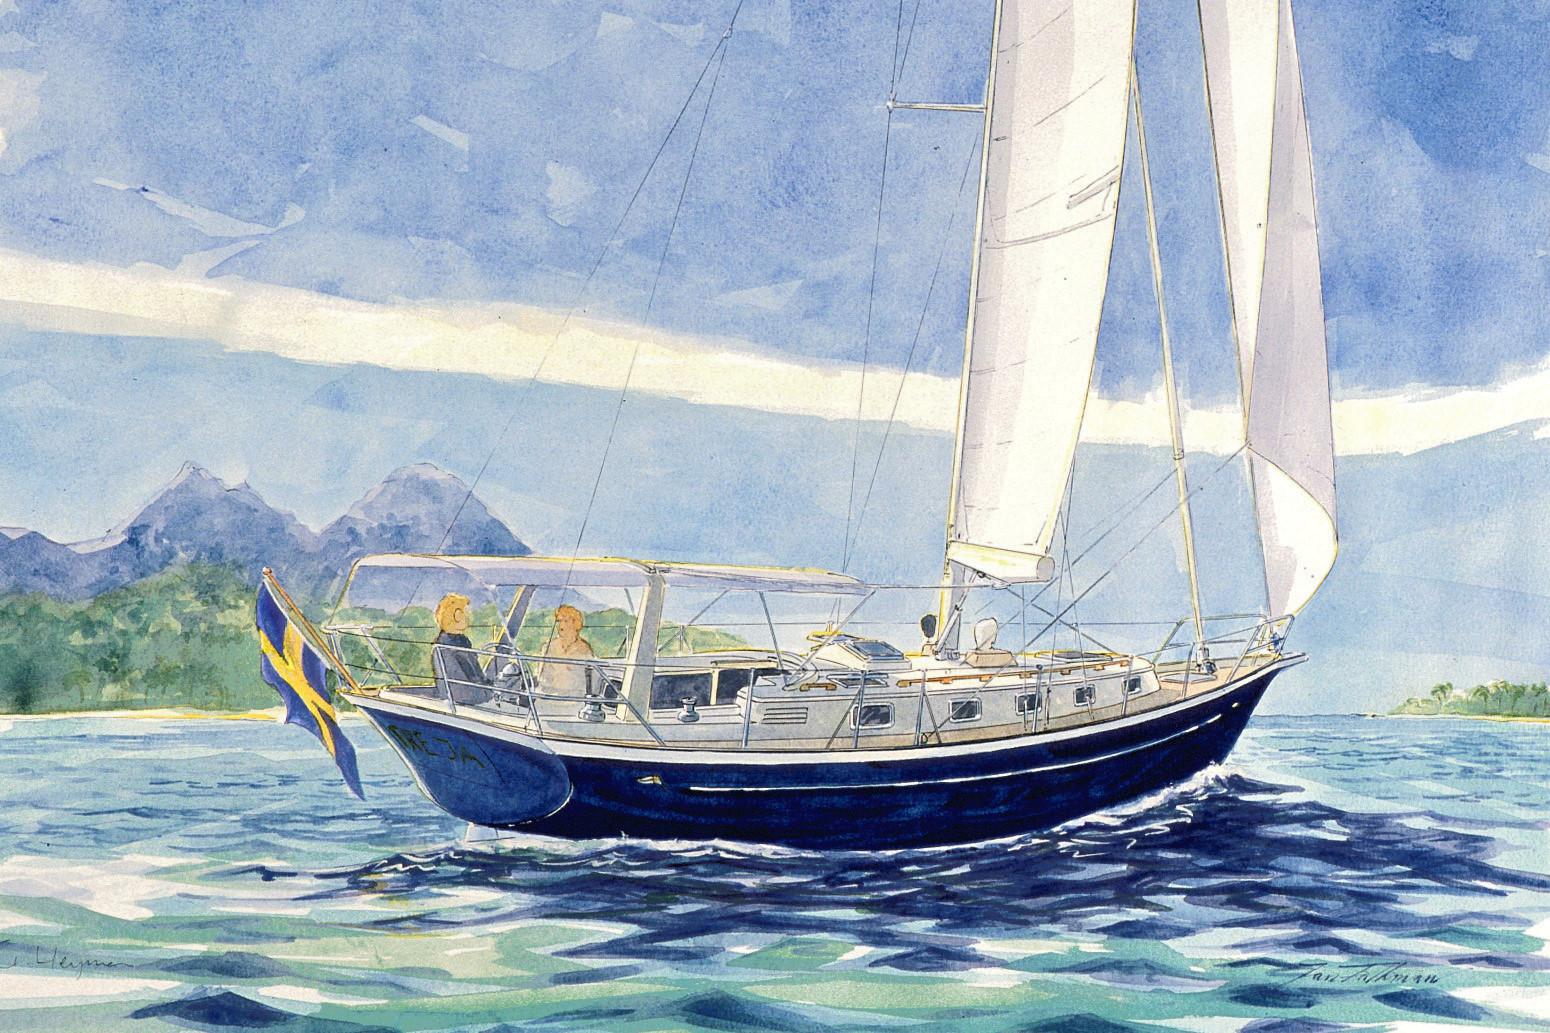 43' Freja in Tropical Waters